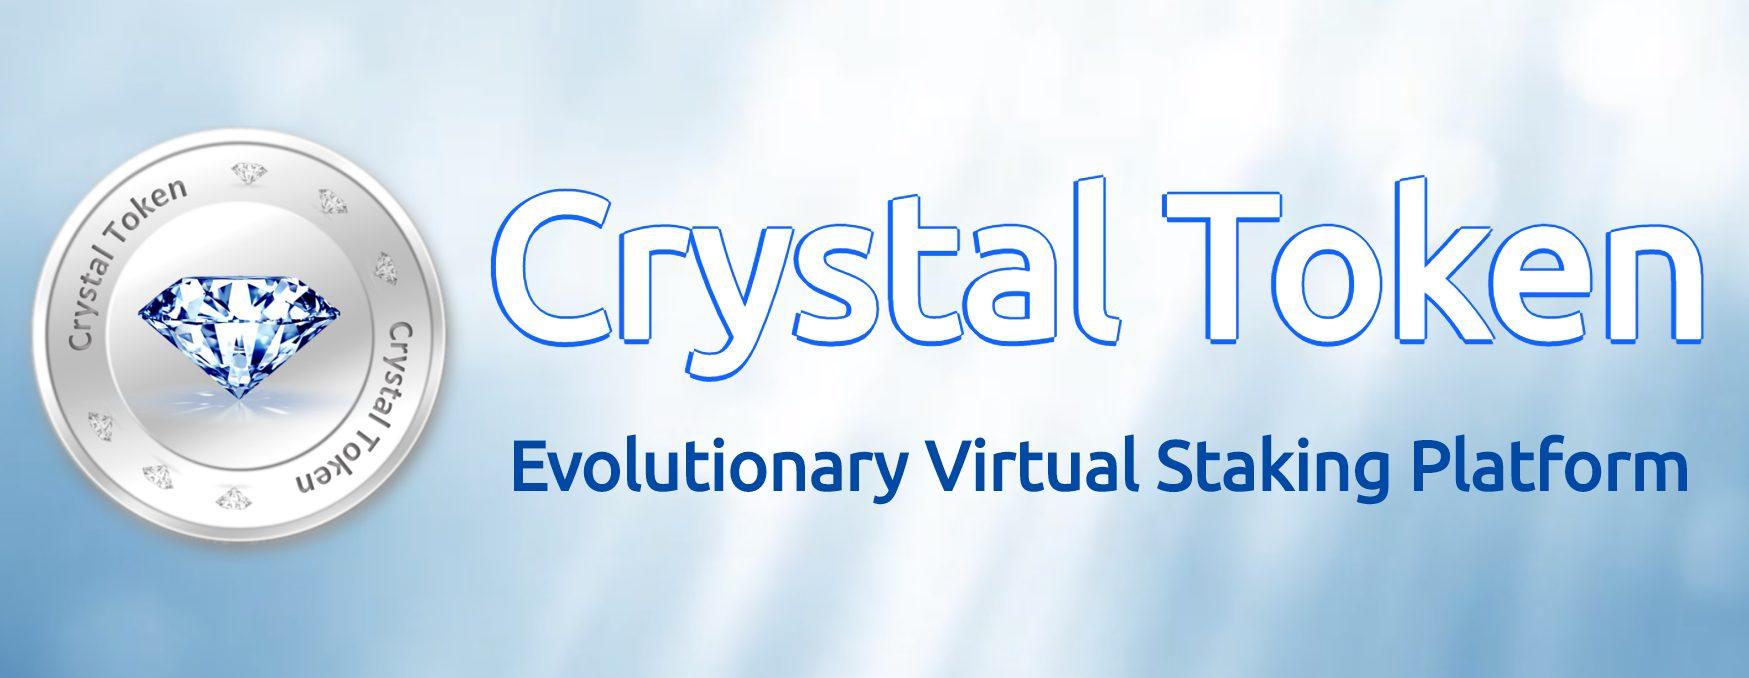 Crystal Token: ICO Review   NewsBTC